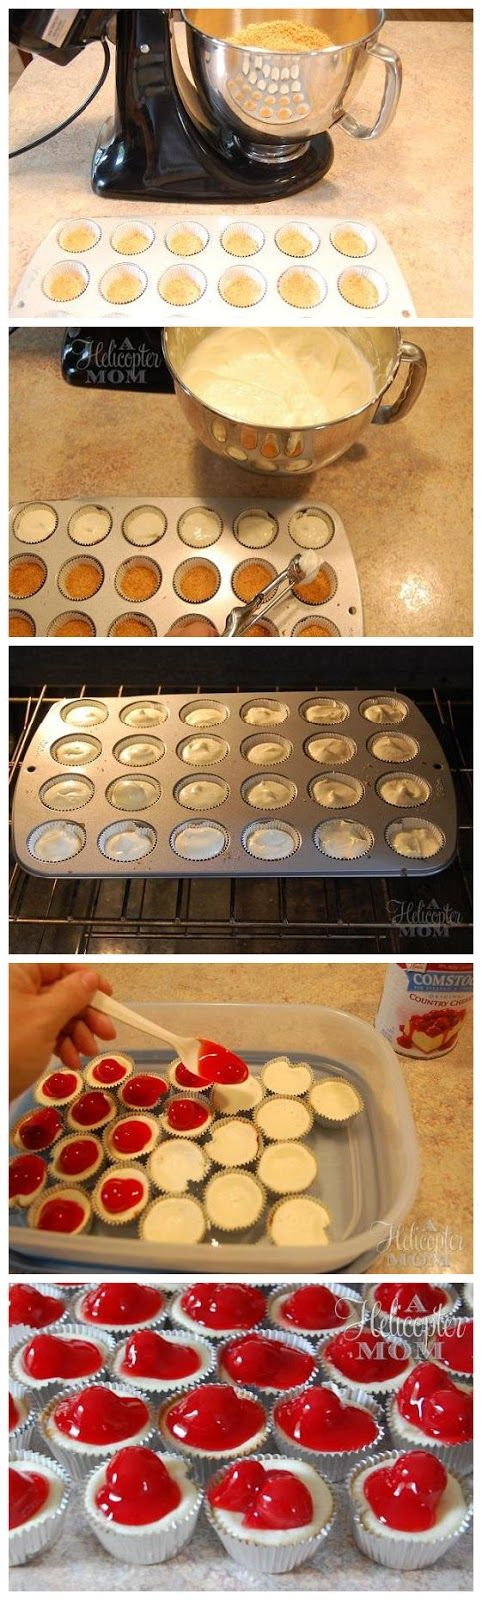 Mini Cheesecake Bites on Pinterest